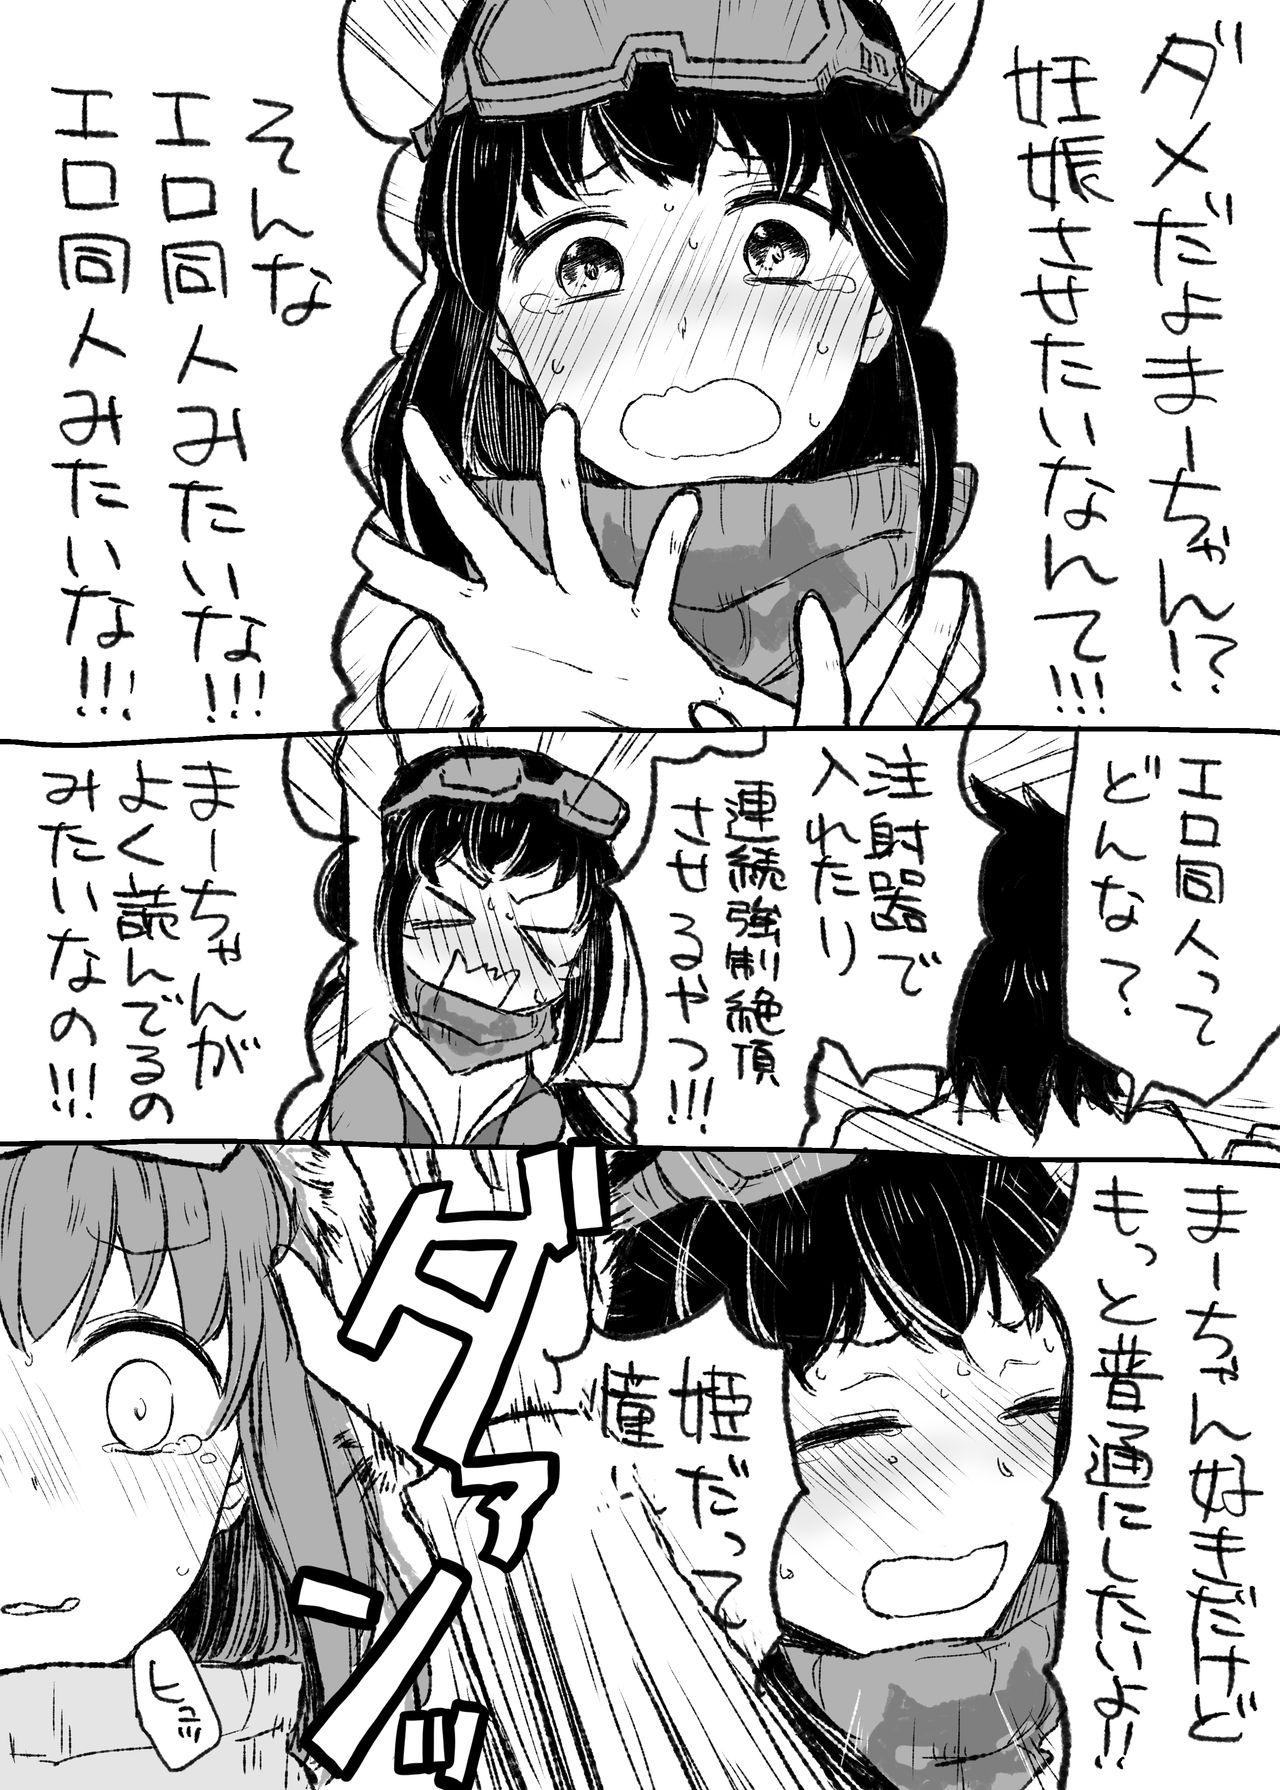 Uchi no Servant ni Haramasex shitaitte Itte mita 54